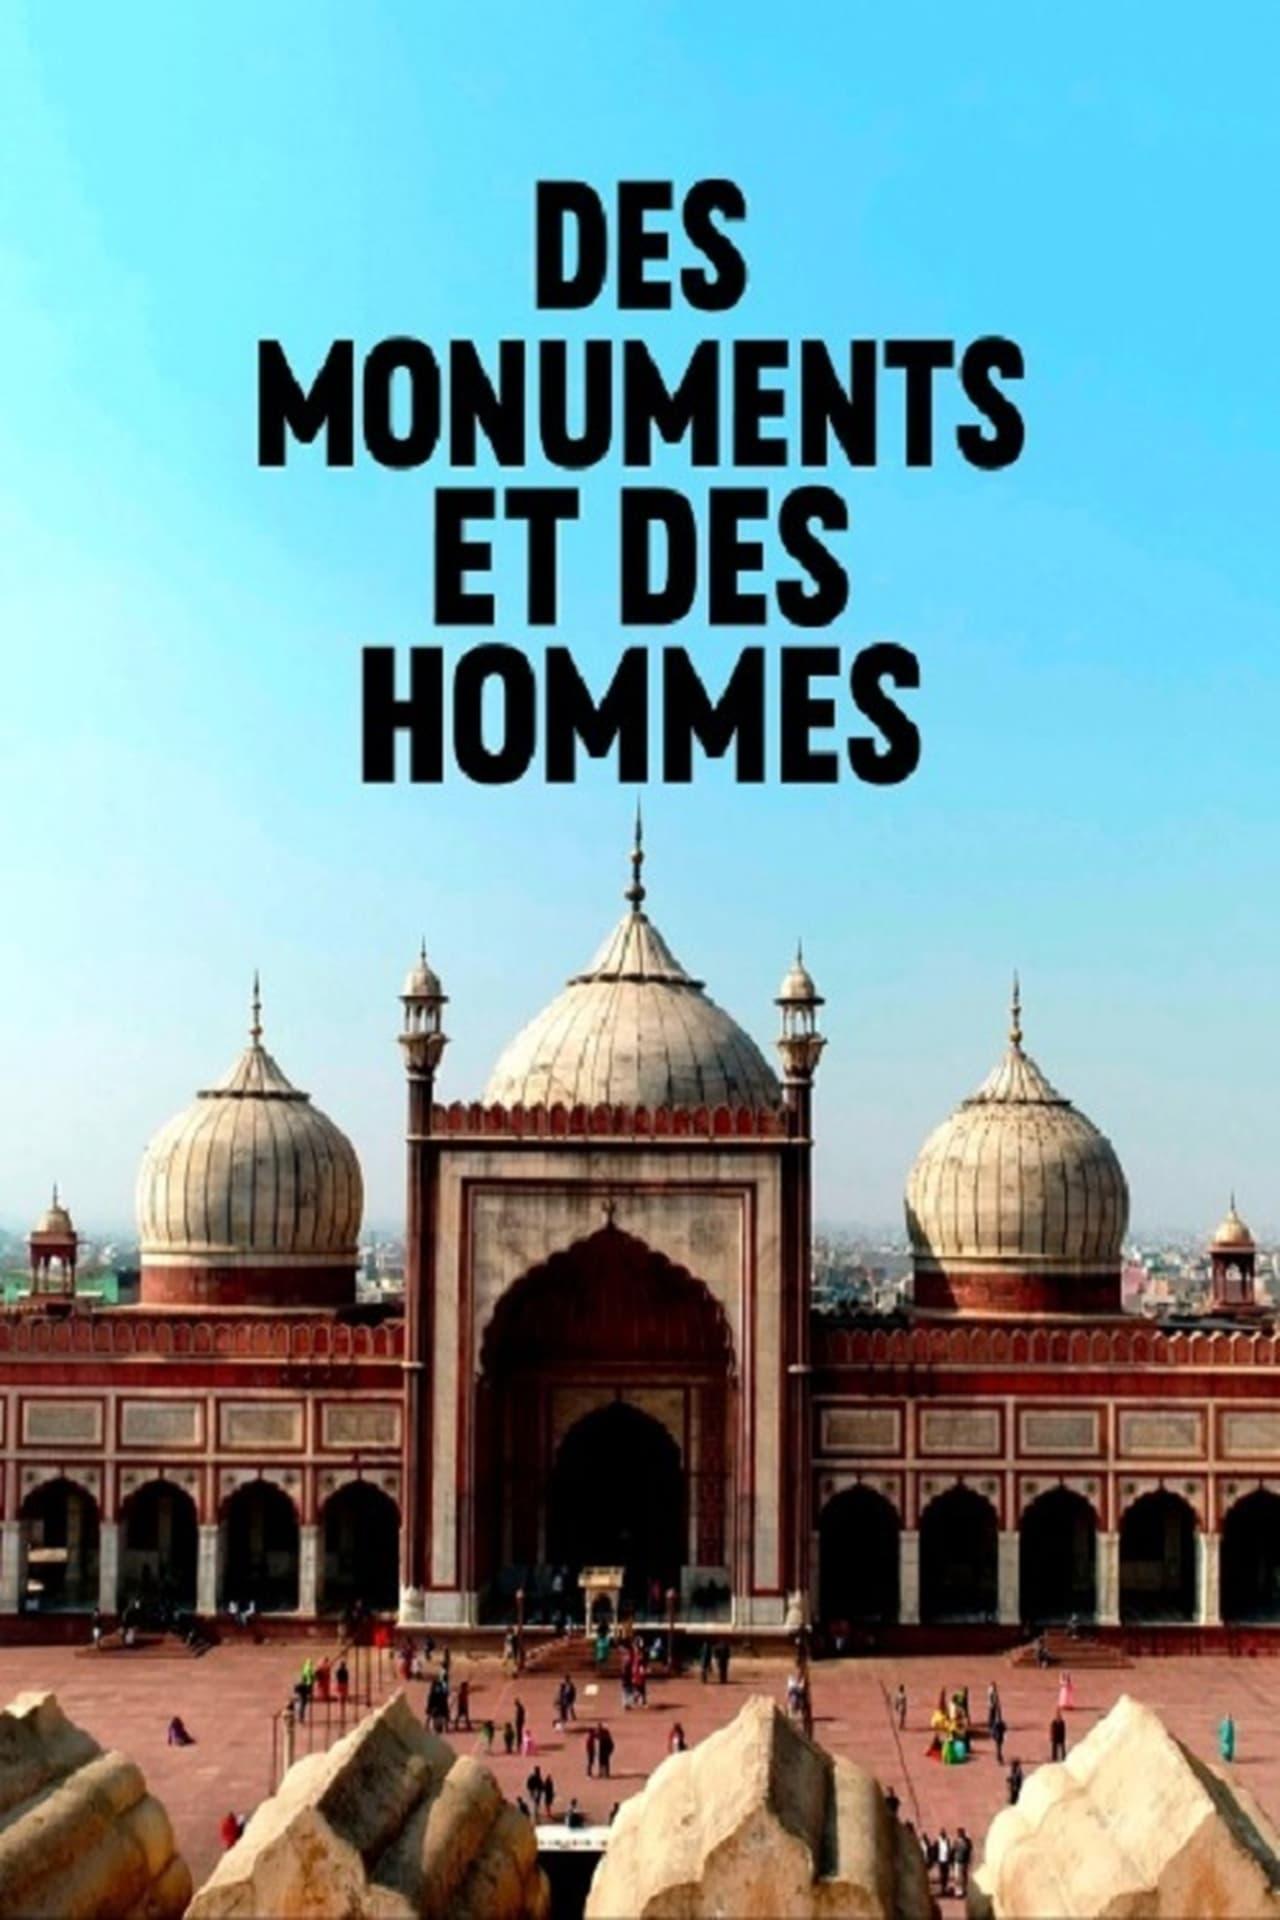 Des monuments et des hommes